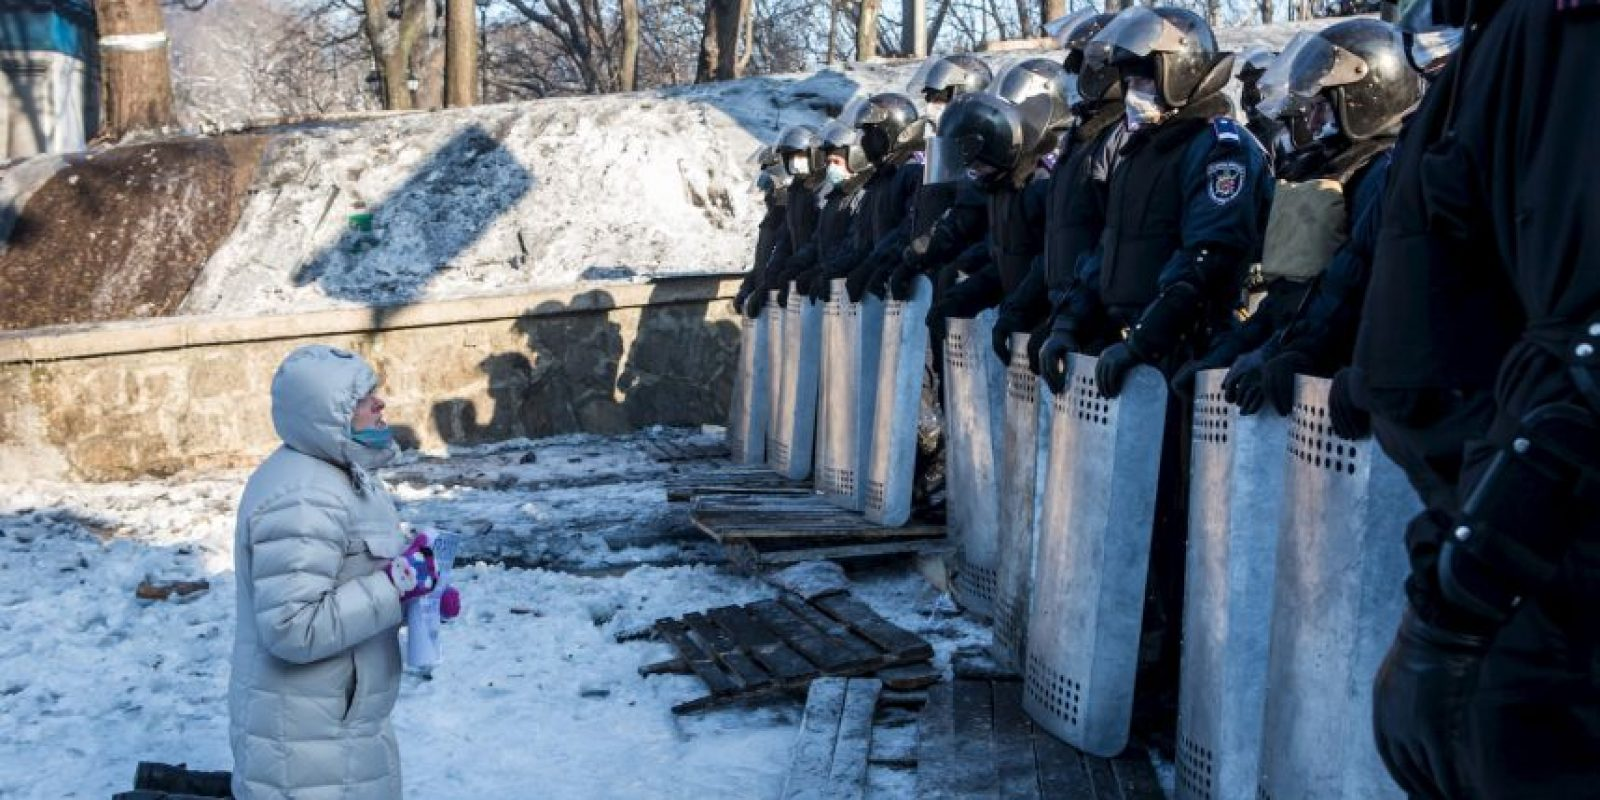 Mueren 5 personas en enfrentamientos entre manifestantes y la policía en Kiev. Son las primeras víctimas mortales de la crisis ucraniana. Foto:Getty Images